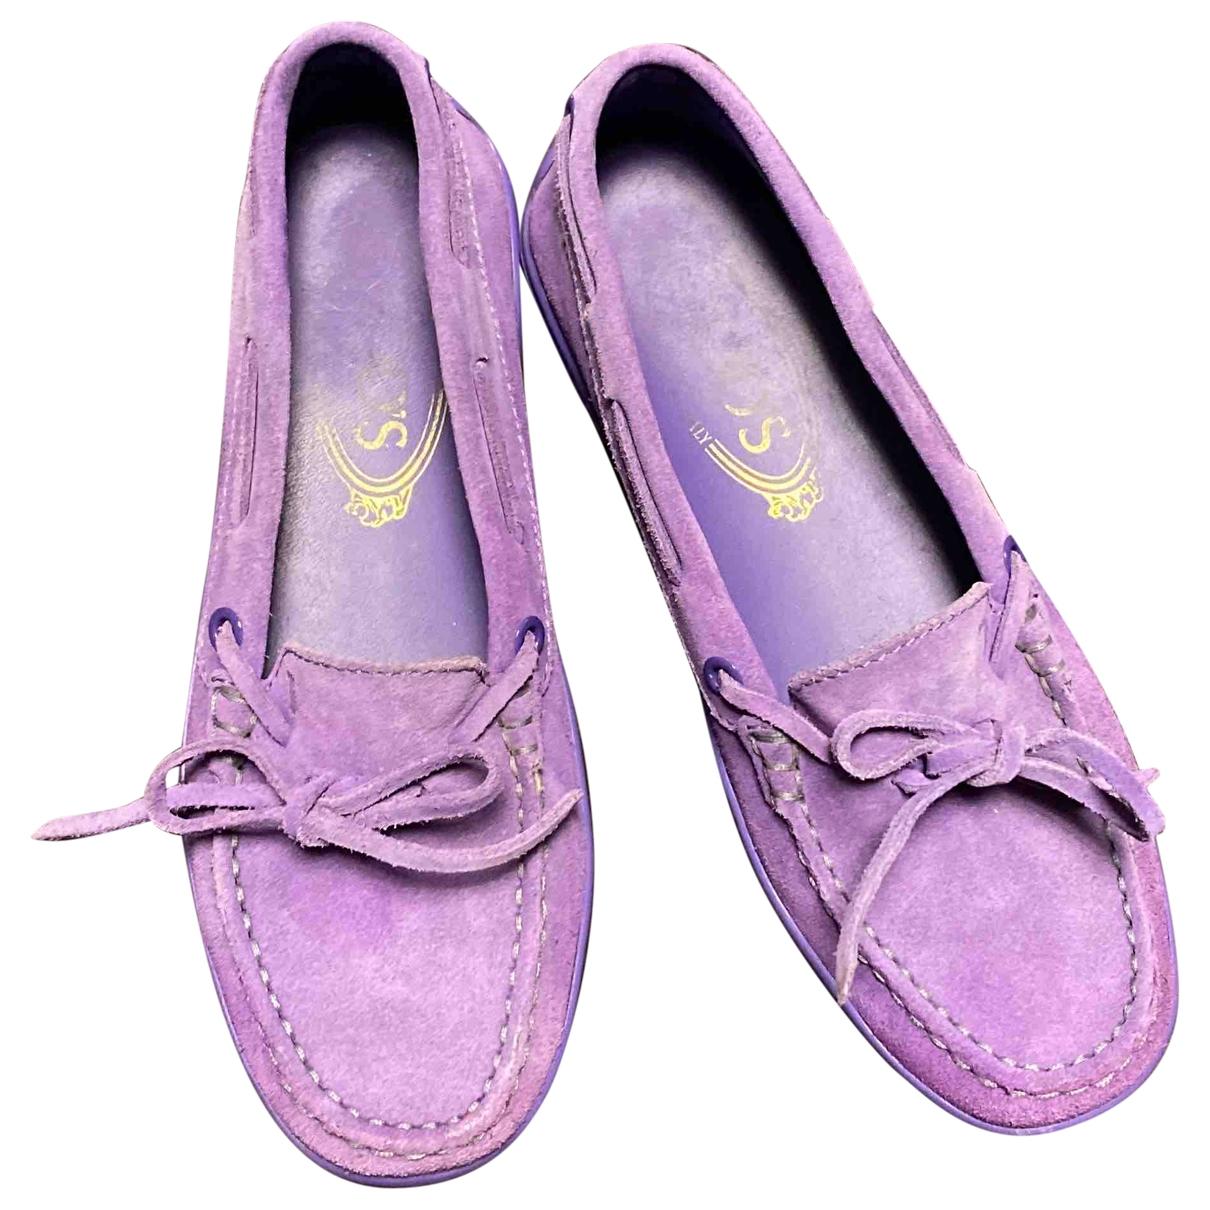 Tods - Mocassins Gommino pour femme en suede - violet